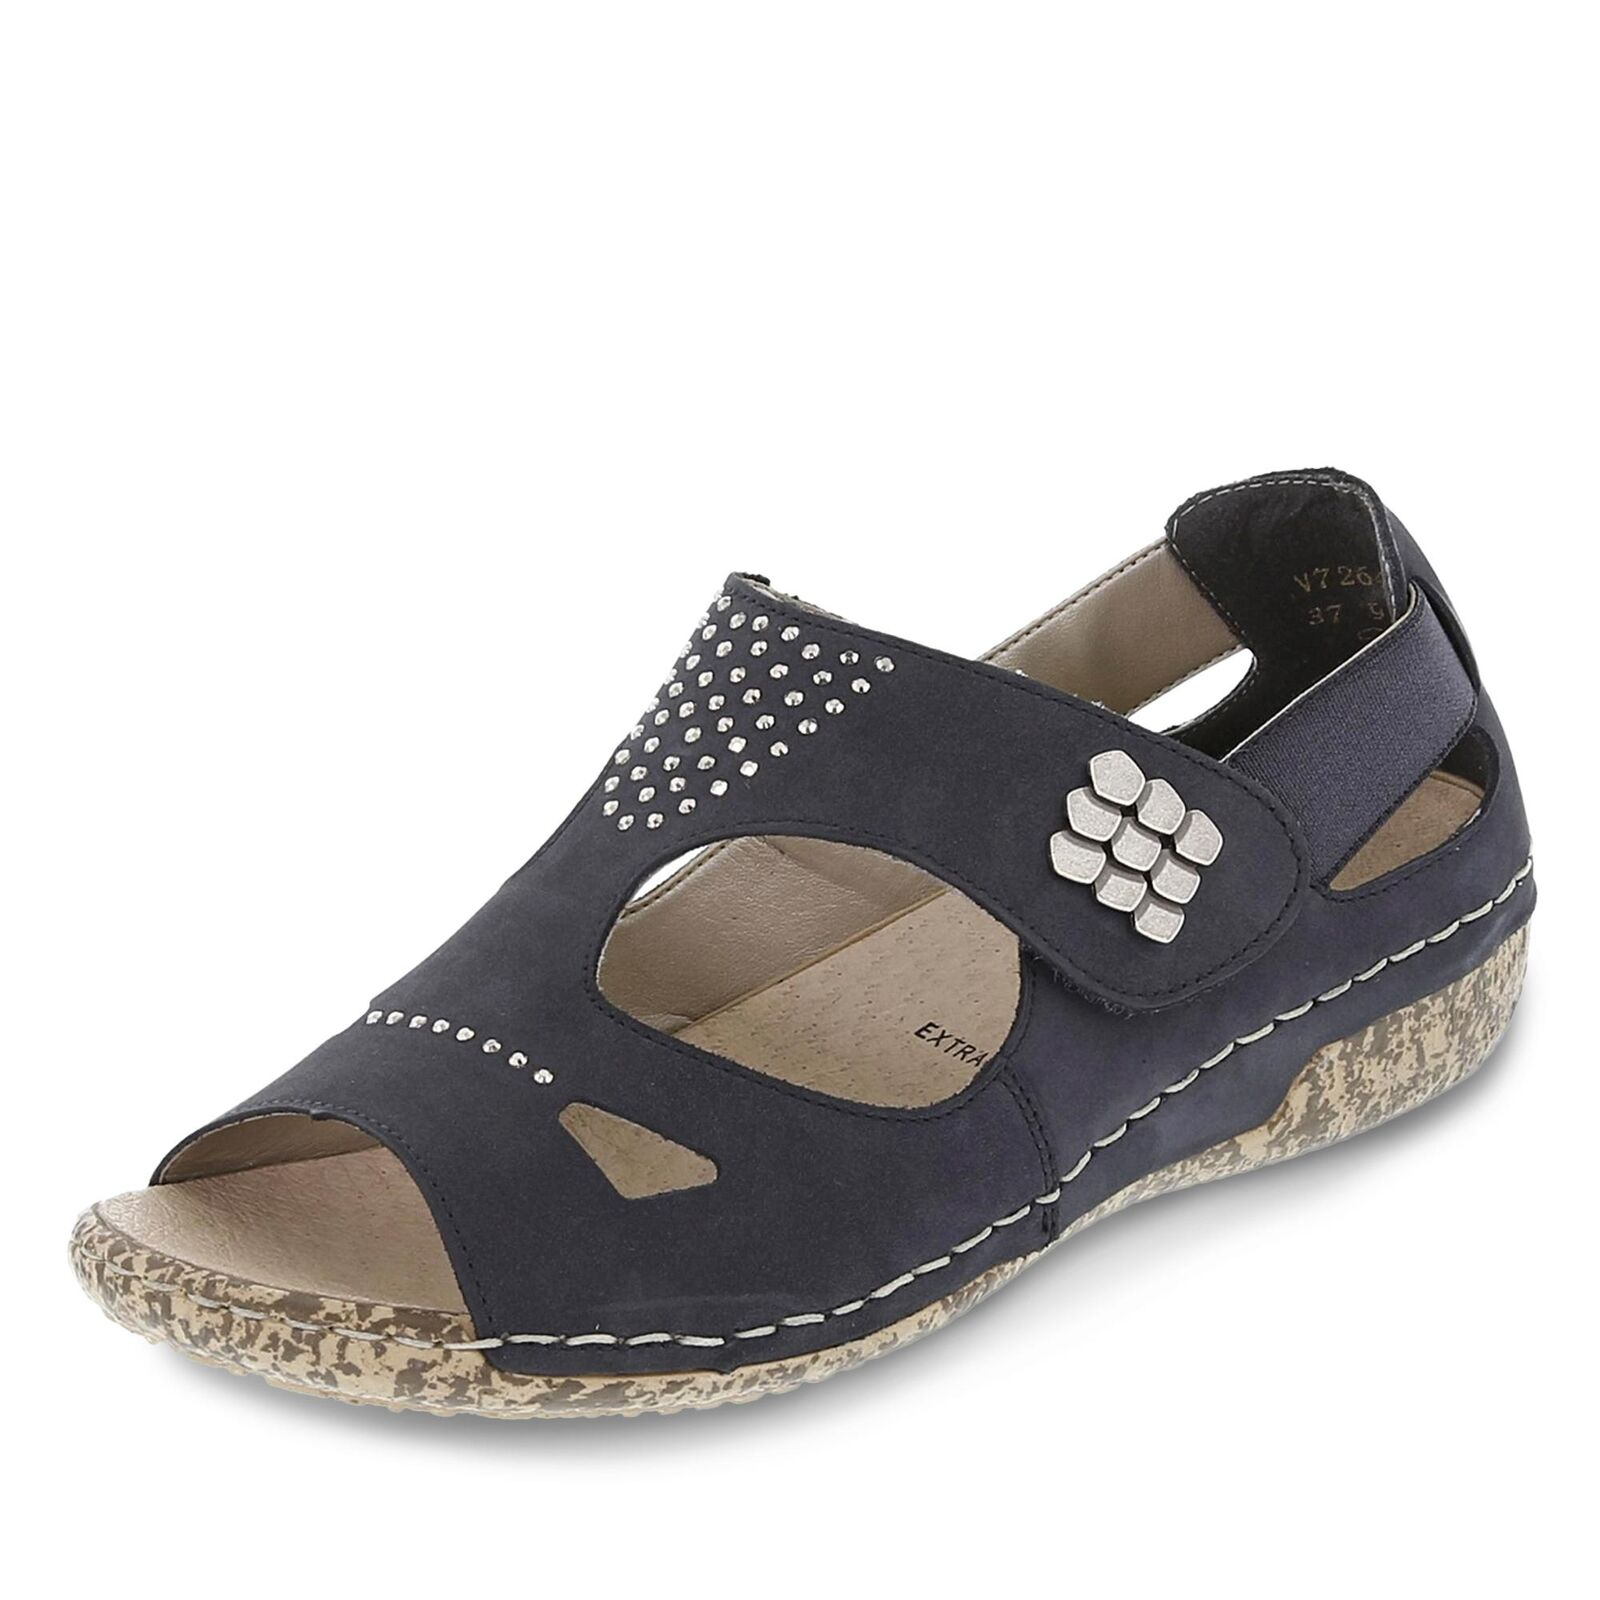 Rieker Damen Sandale Sandalette Klettschuhe Sommerschuhe Schuhe Nubukleder blau